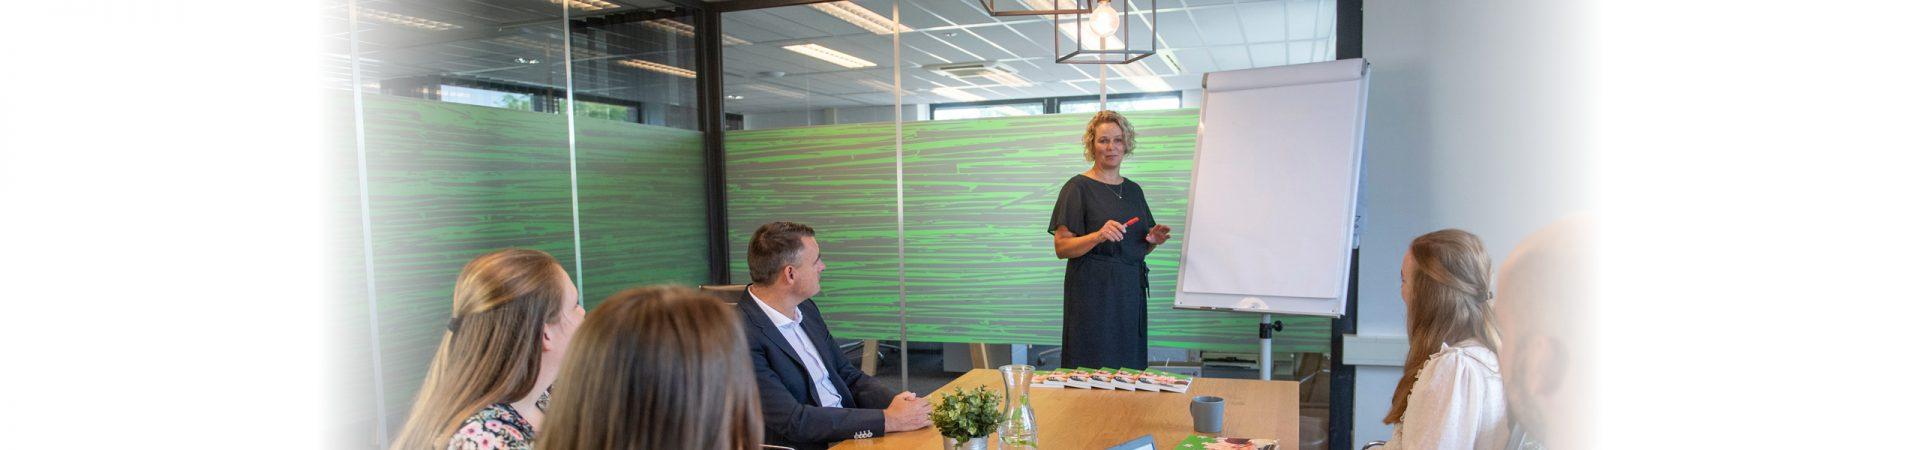 Trainingen van Jeugdprofessionals Nederland